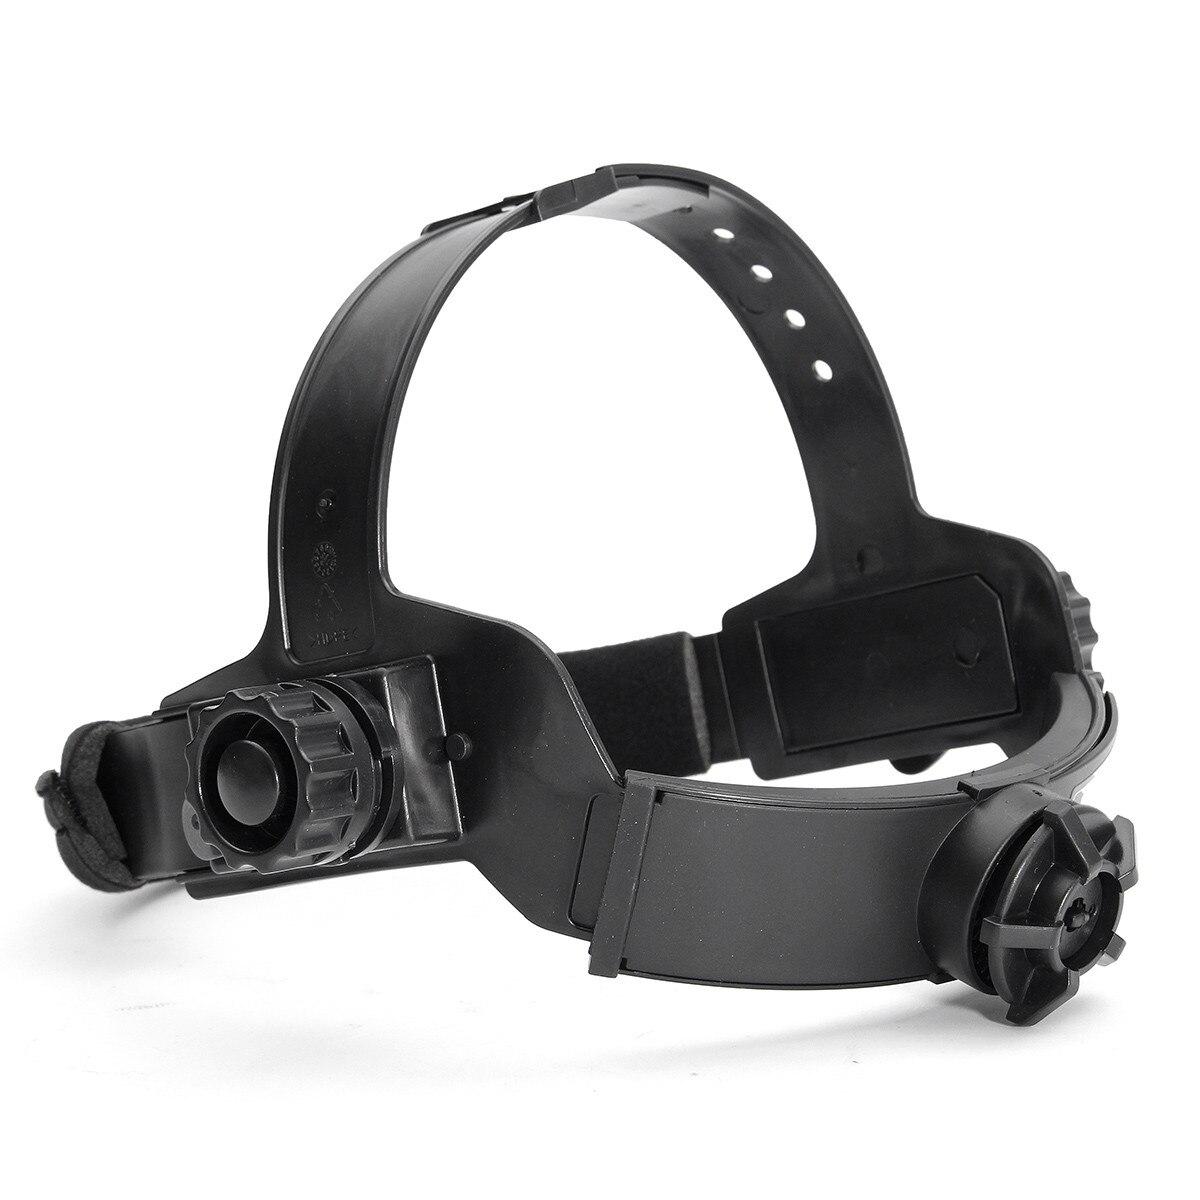 Selbstbewusst Unsicher Verlegen Neue Einstellbare Schwarz Auto Schweißen Maske Stirnband Auto Dunklen Helm Zubehör Arbeitsplatz Sicherheit Befangen Gehemmt